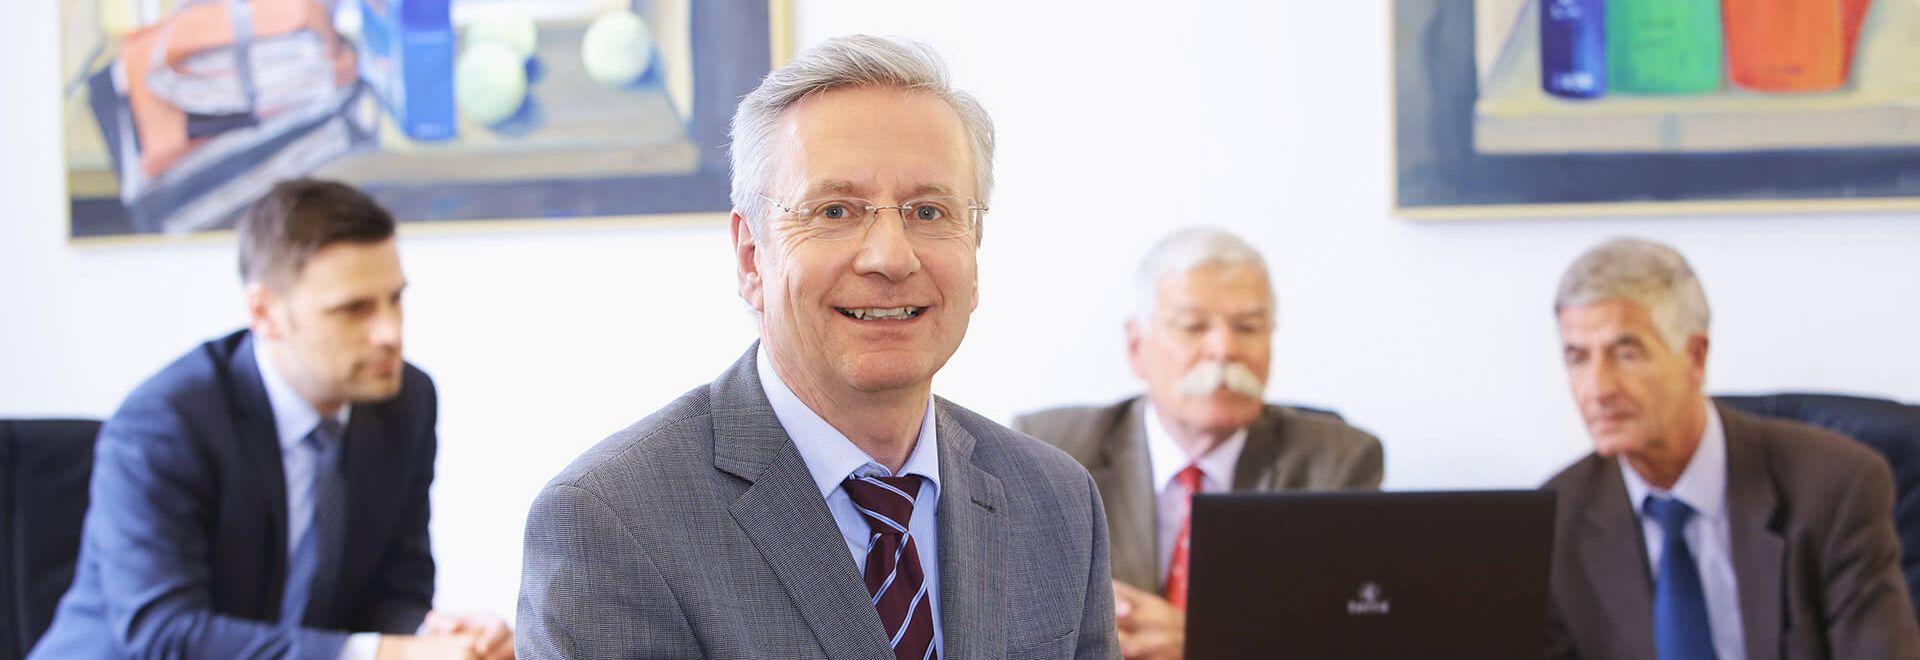 Rechtsanwalt Jörg Jäger und Kollegen